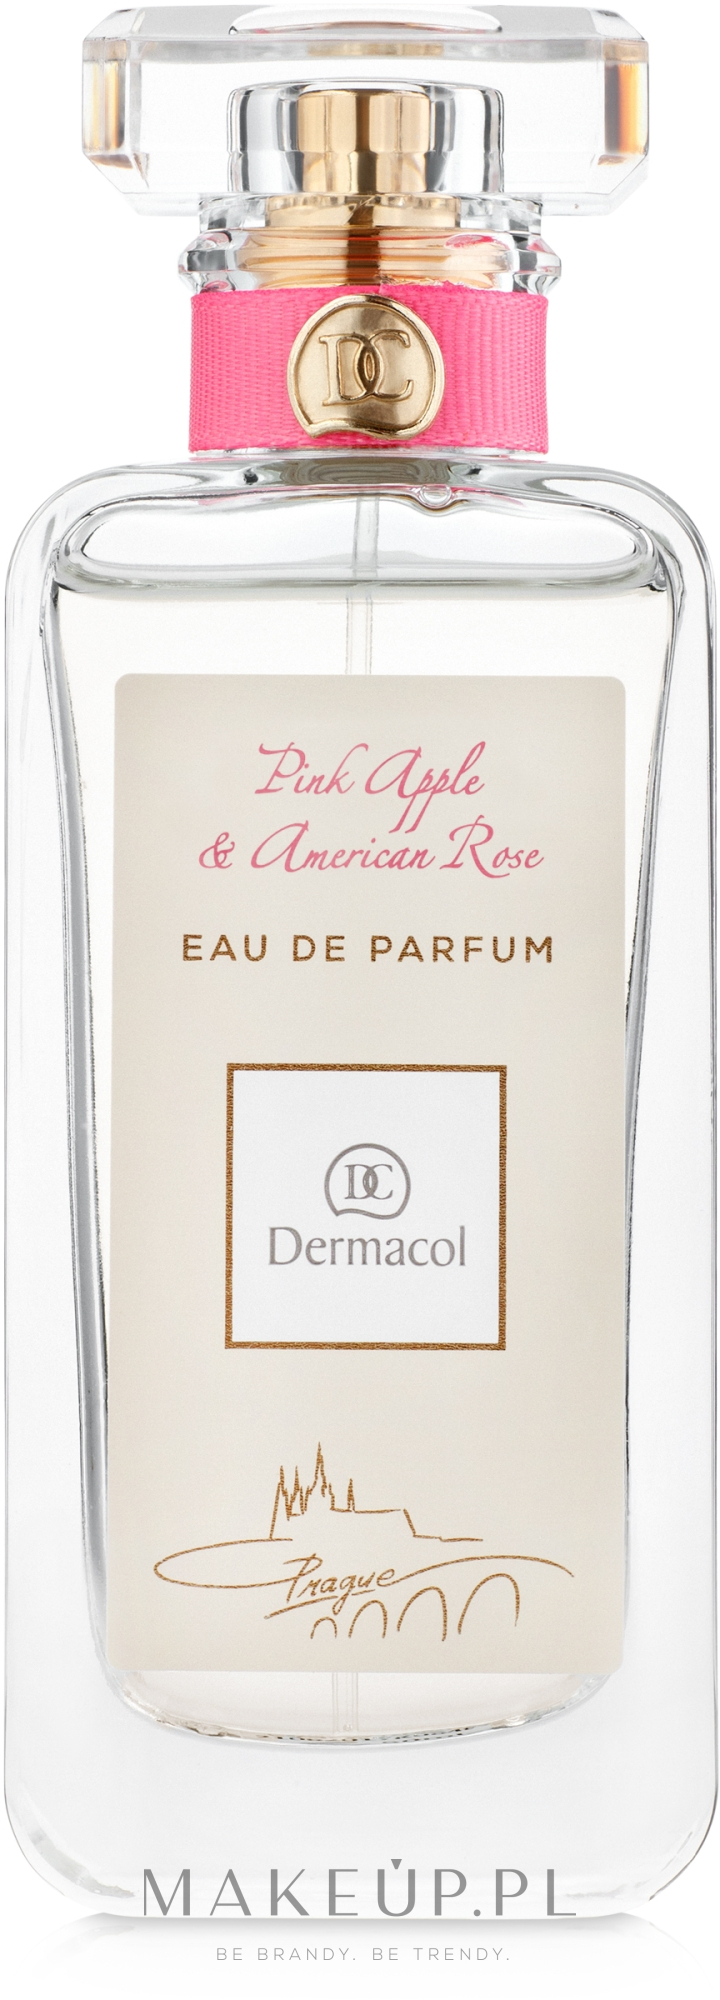 dermacol pink apple & american rose